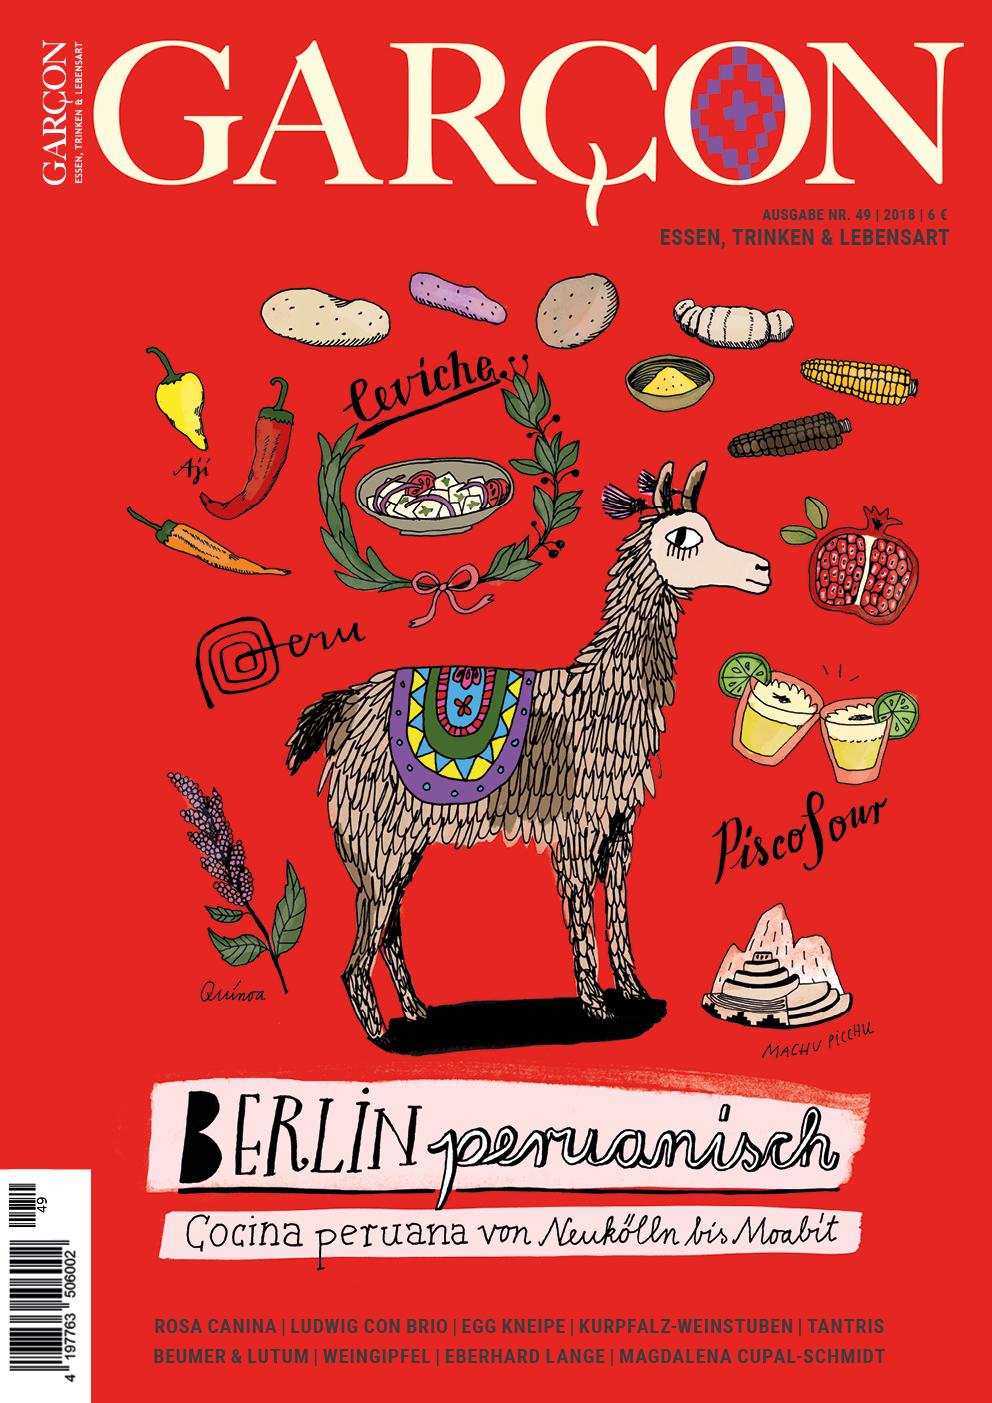 Magazin GARCON-Essen, Trinken, Lebensart Nr. 49